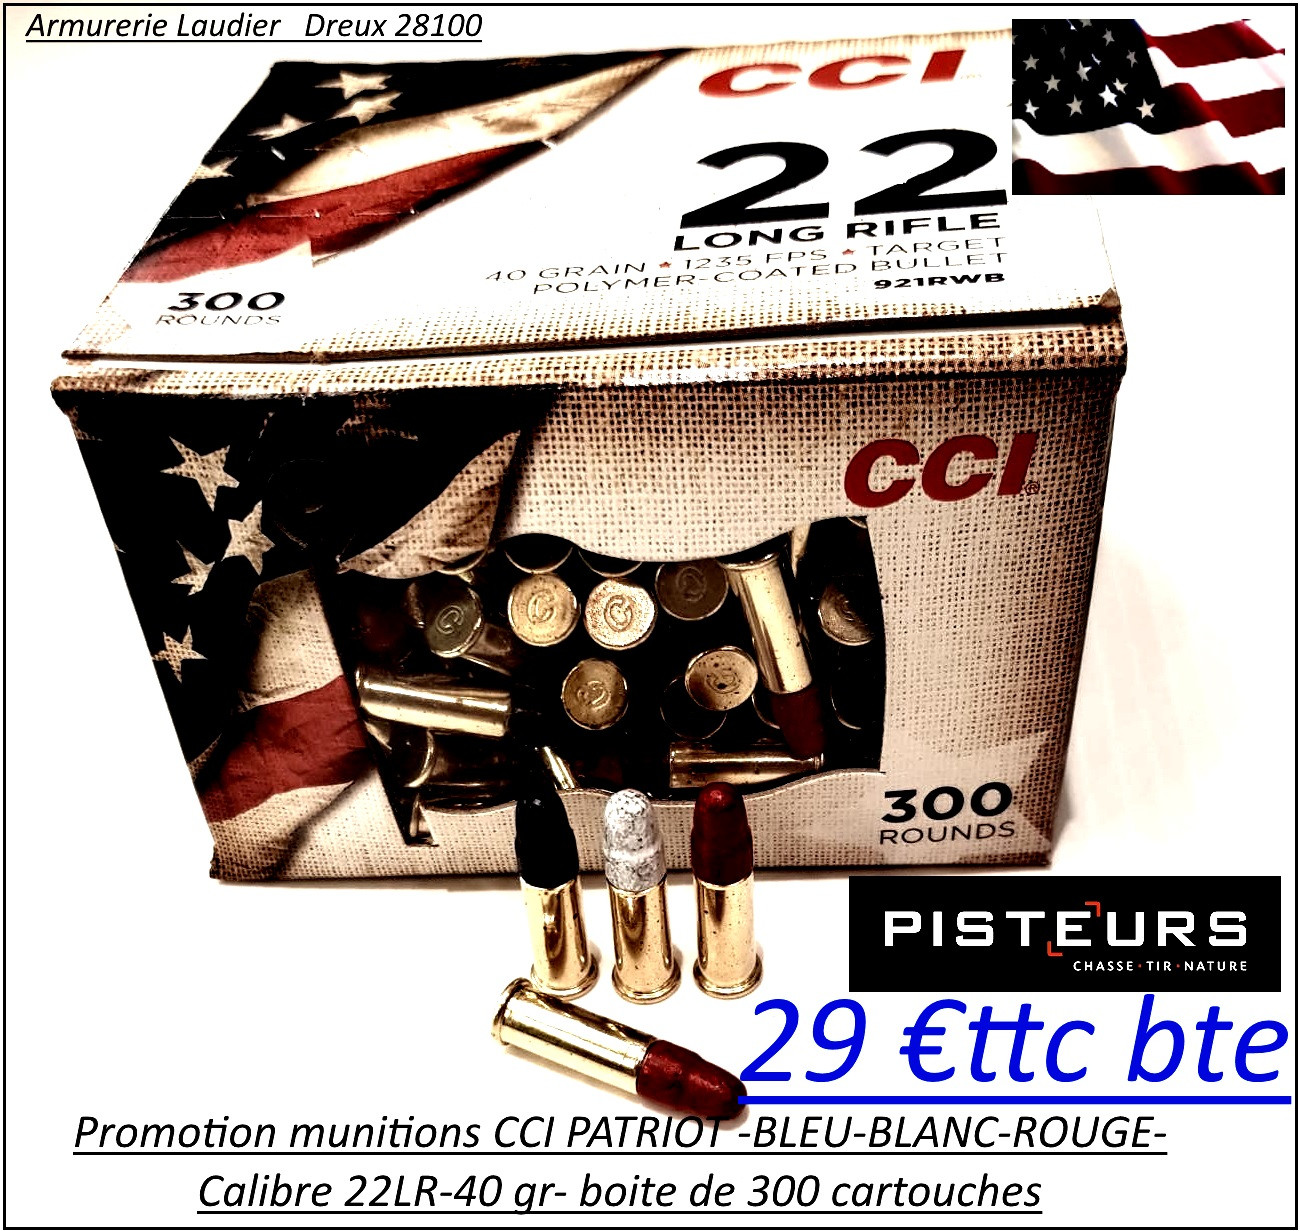 Cartouches-CCI-PATRIOT-BLEU-BLANC-ROUGE -22 Lr-Boite de 300-Ref cci-patriot